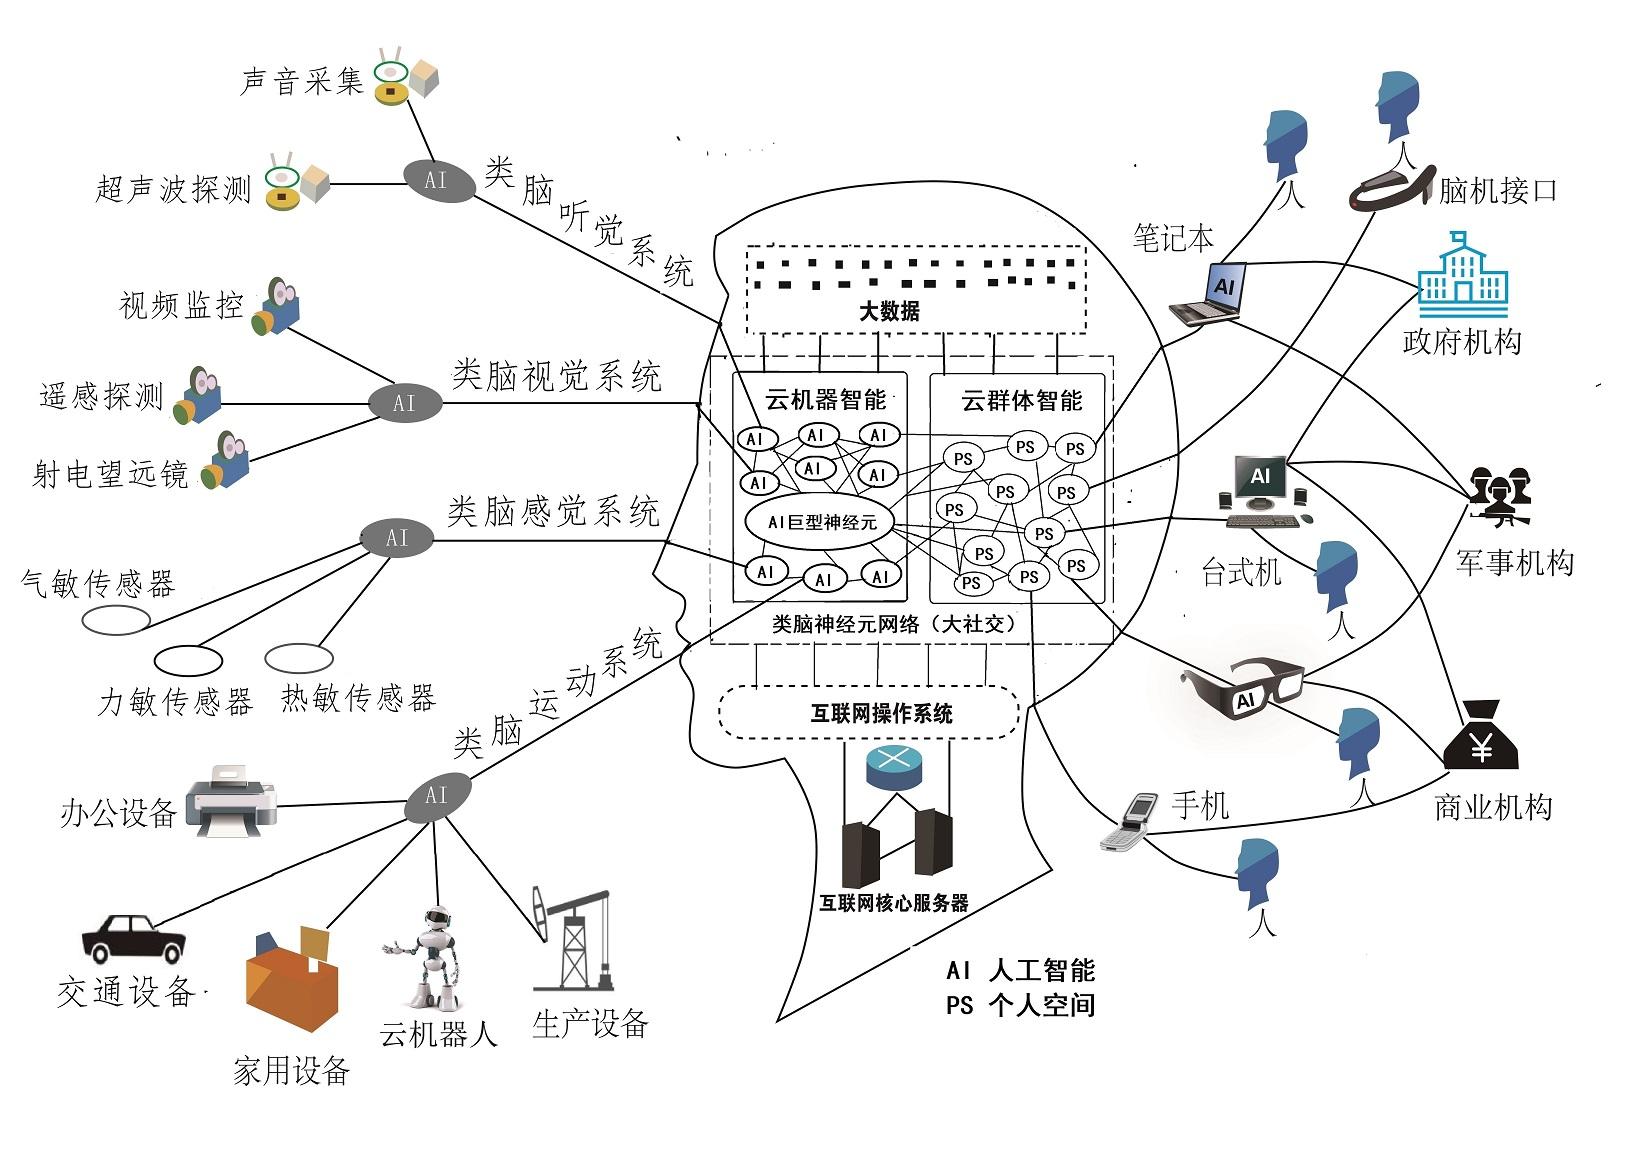 2 互联网大脑模型图-small - 副本.jpg